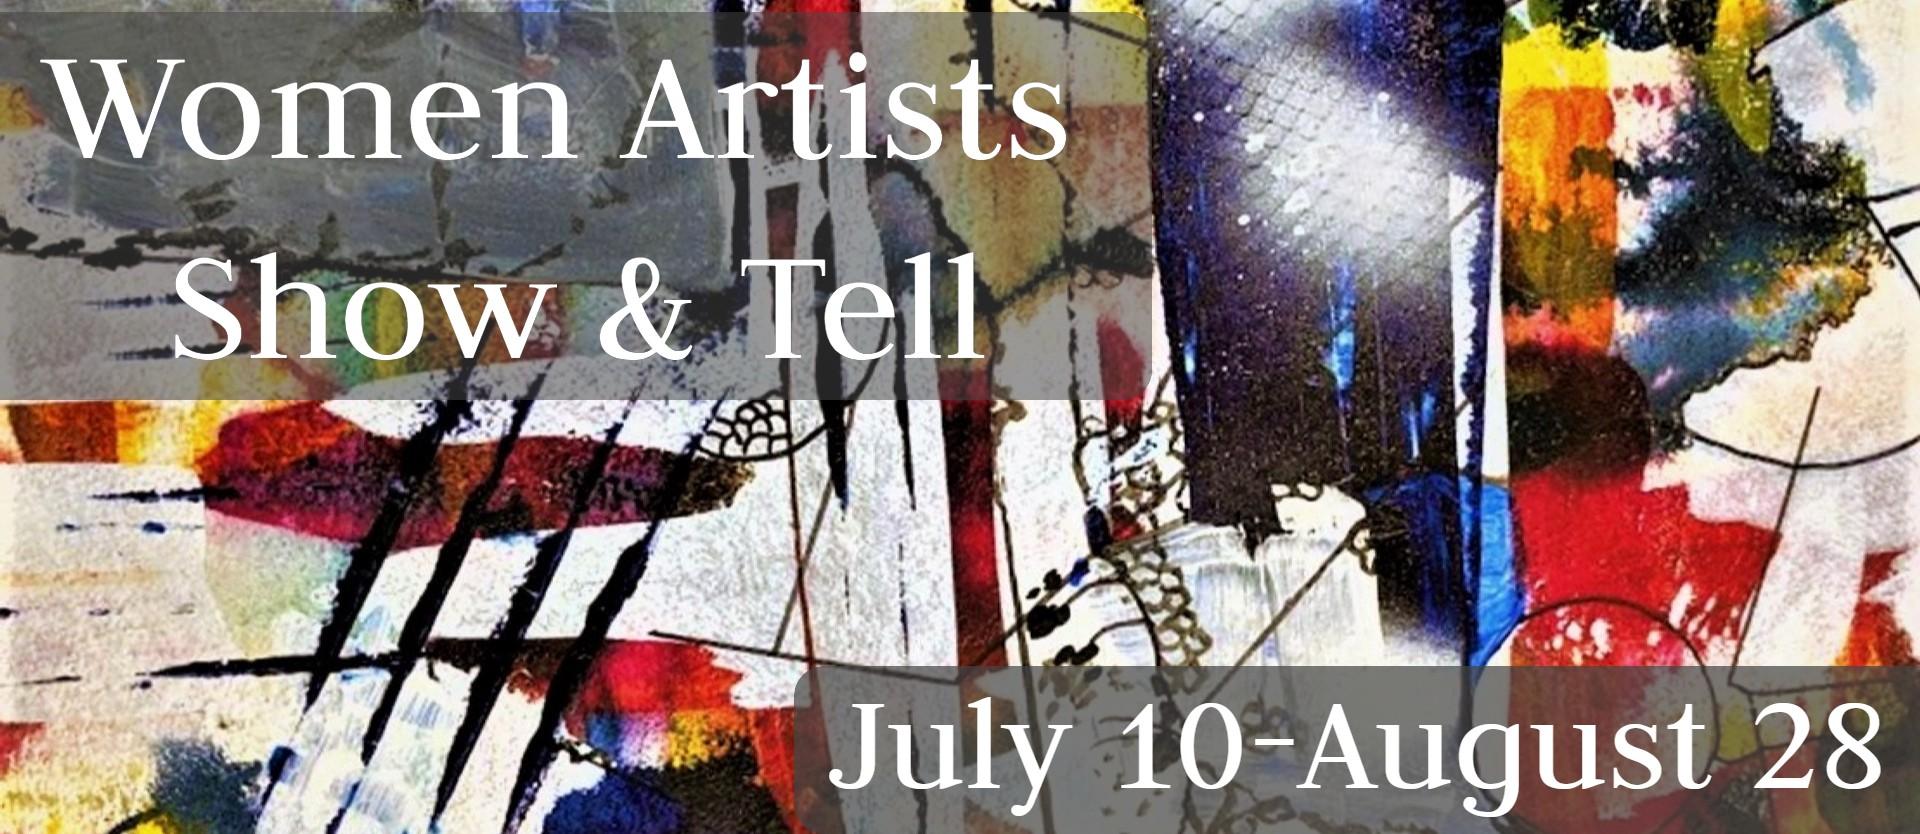 Women Artist Show & Tell